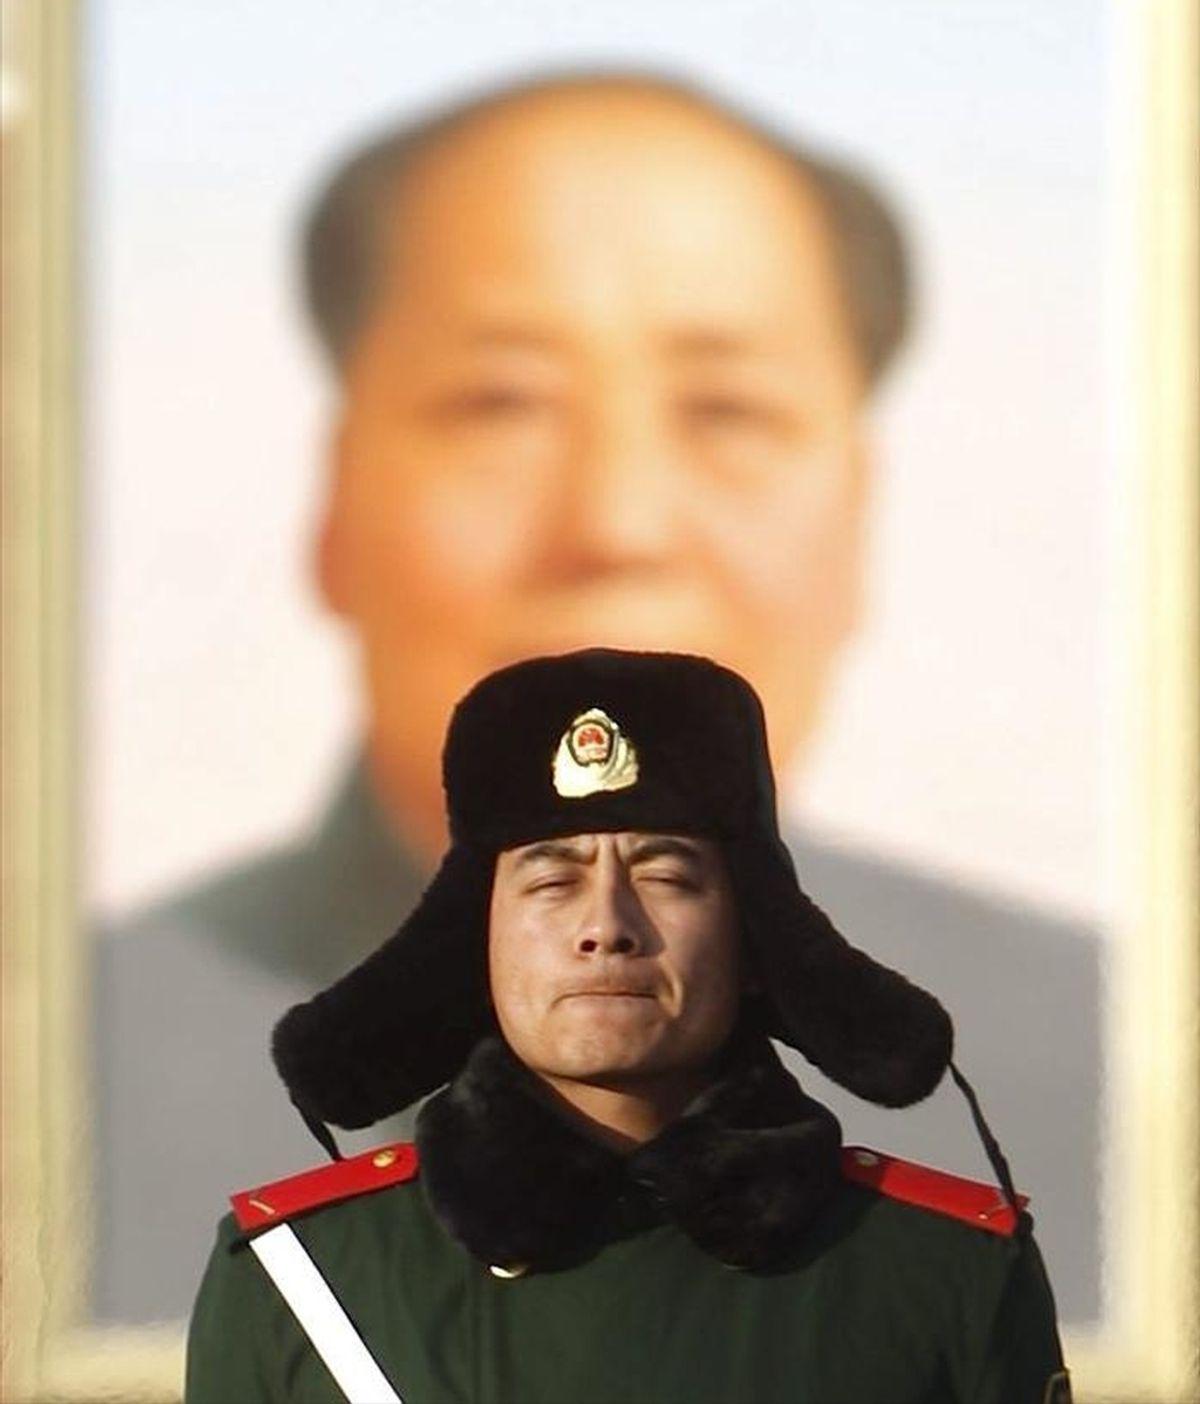 Un miembro del Ejército de Liberación del Pueblo (PLA), monta guardia delante del retrato del fundador del régimen comunista chino Mao Zedong que cuelga de la puerta de la Paz Celestial en la plaza de Tiananmen donde se ha inaugurado una estatua de Confucio. EFE/Archivo